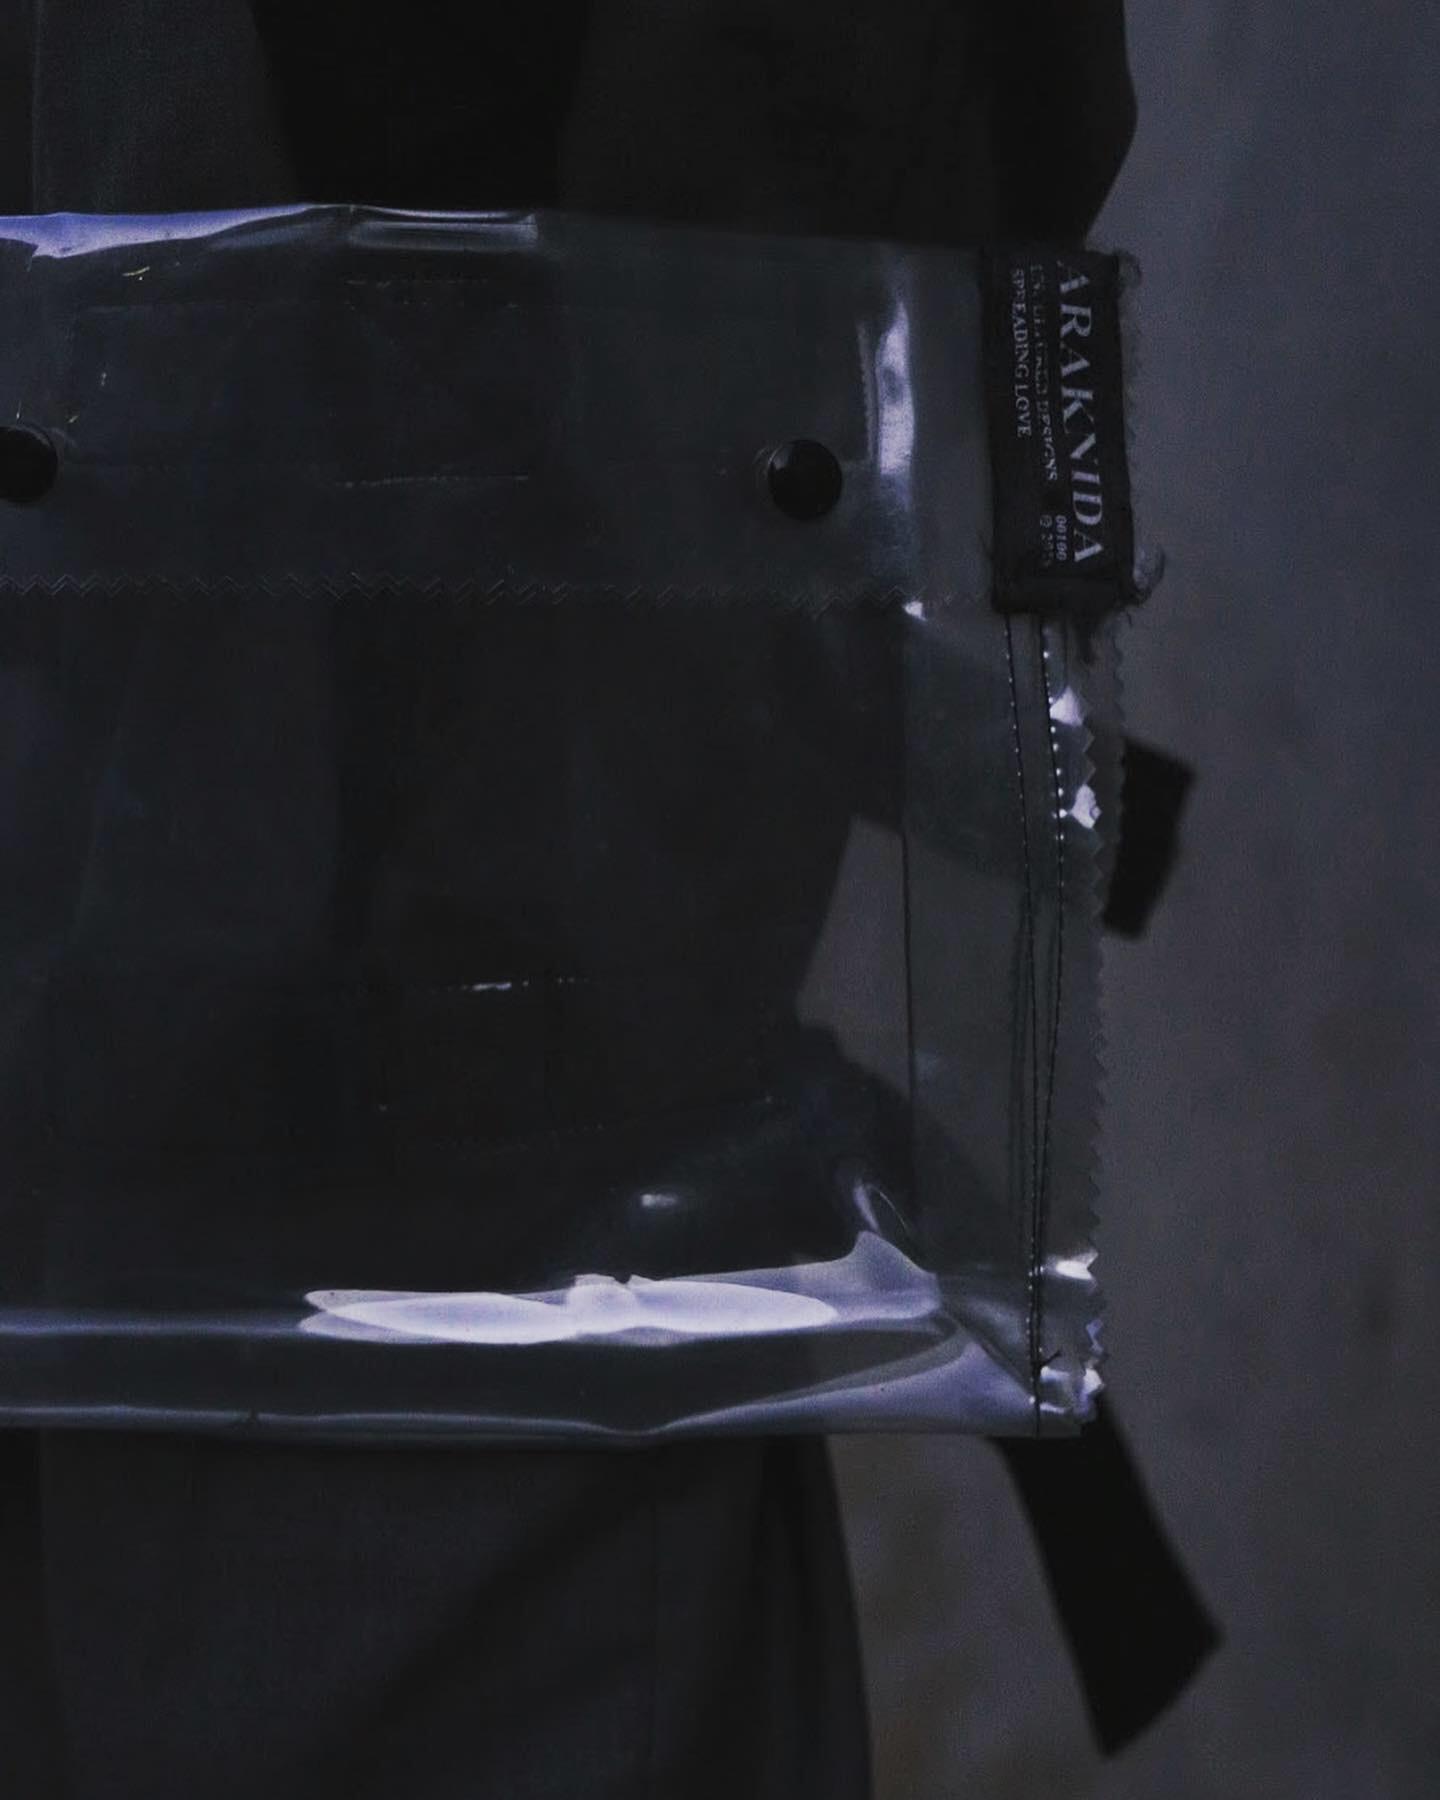 ARAKNIDA leg bag detail